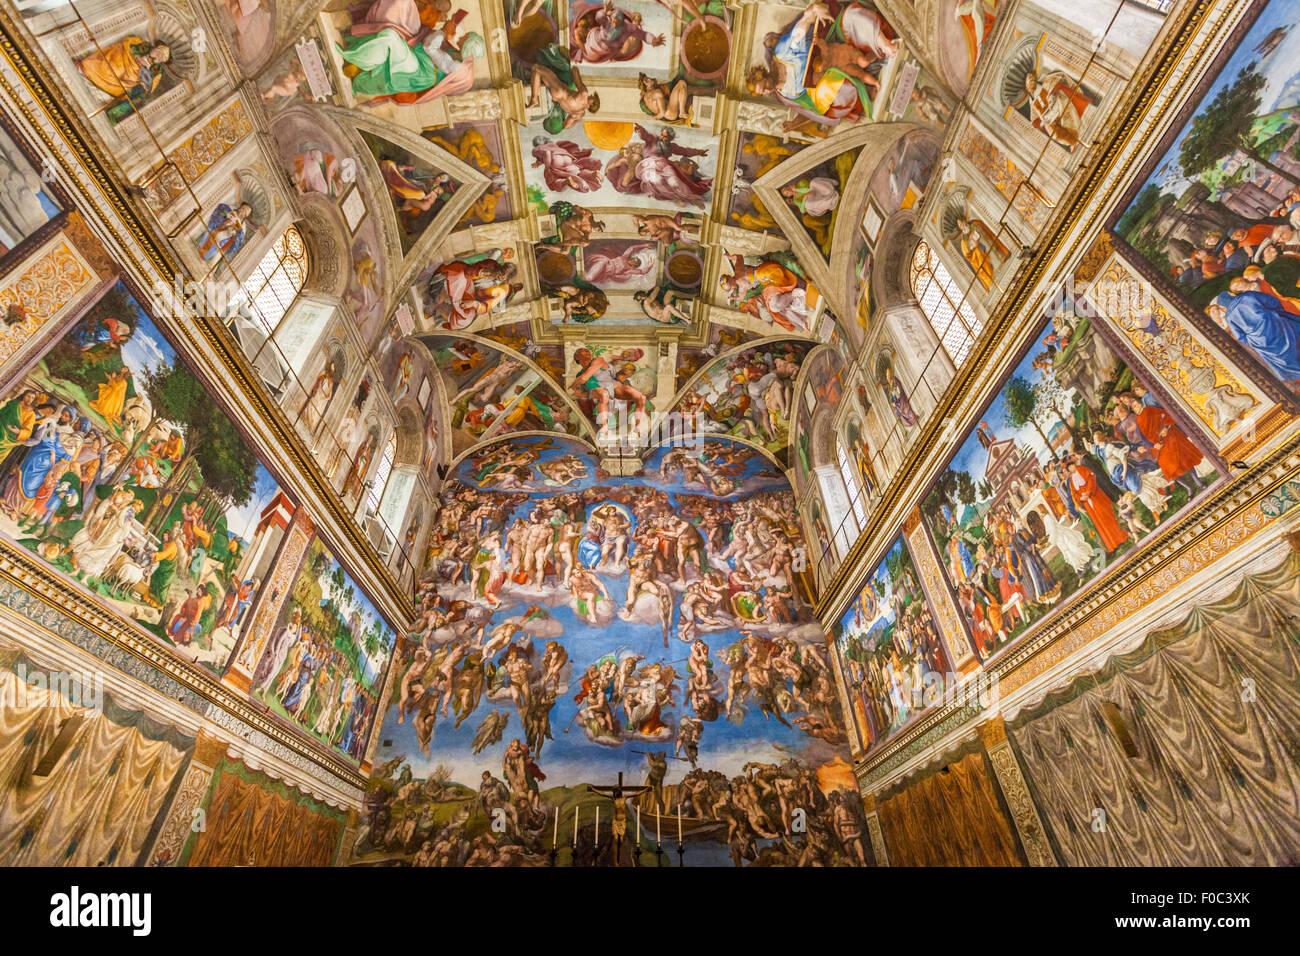 Chapelle Sixtine, Musée du Vatican Palais Apostolique Vatican Rome Italie Europe de l'UE Photo Stock